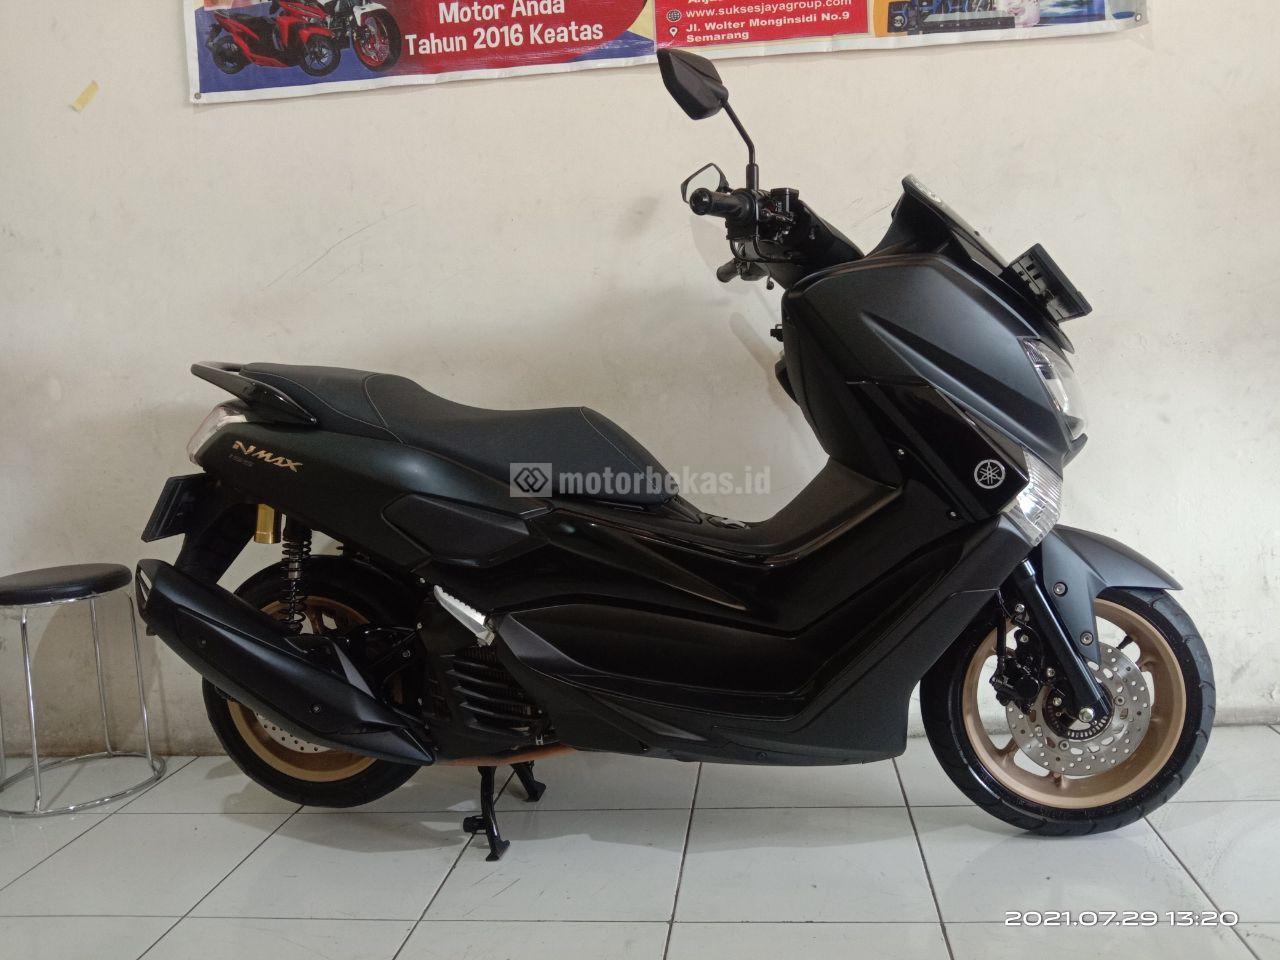 YAMAHA NMAX 155  3640 motorbekas.id